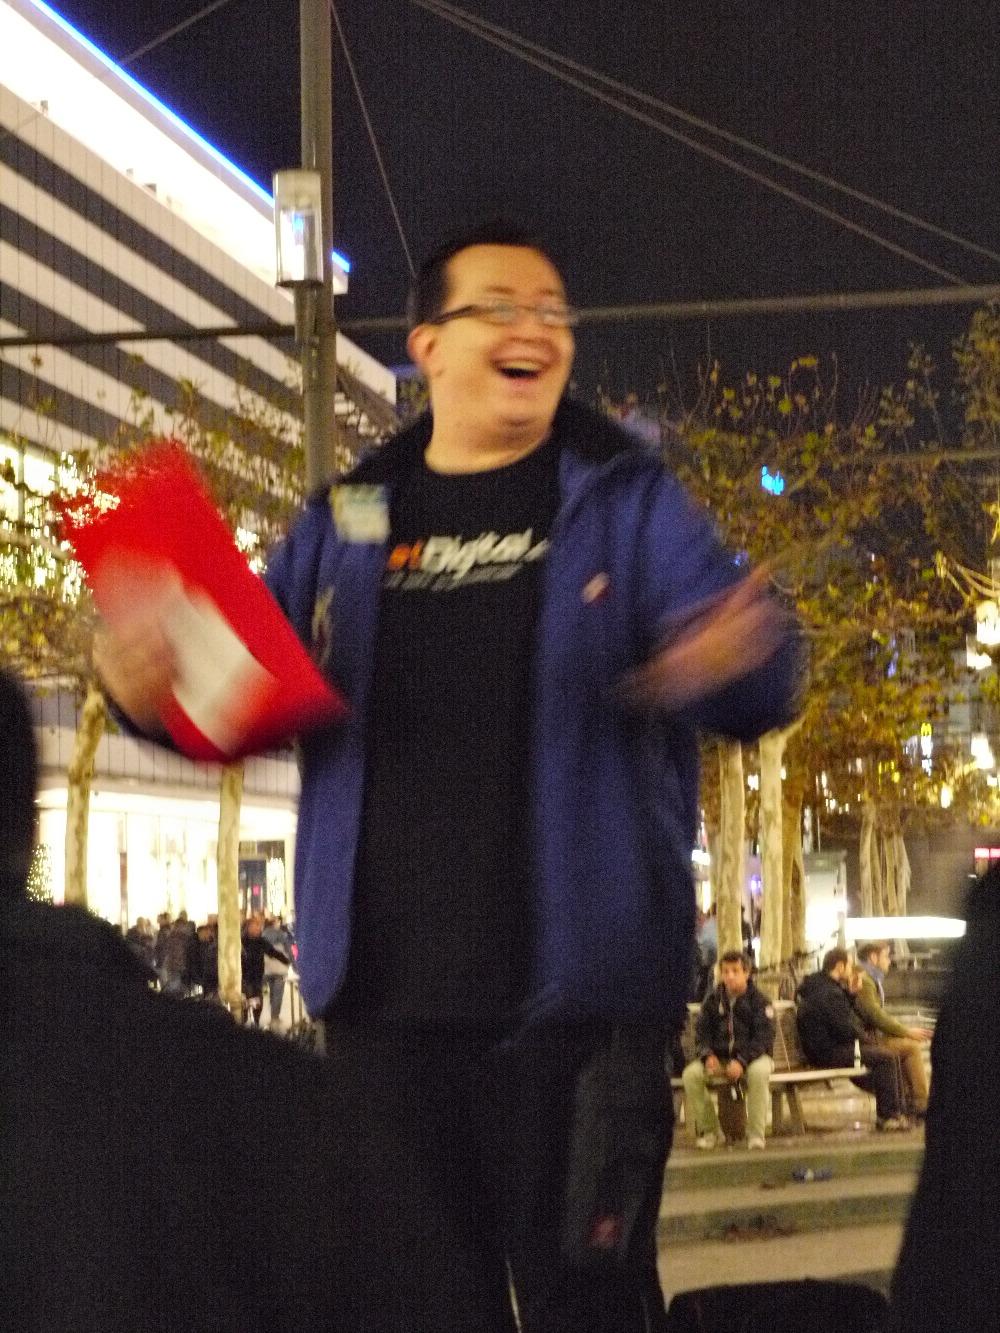 blogpic/wein20/wein20_54.jpg